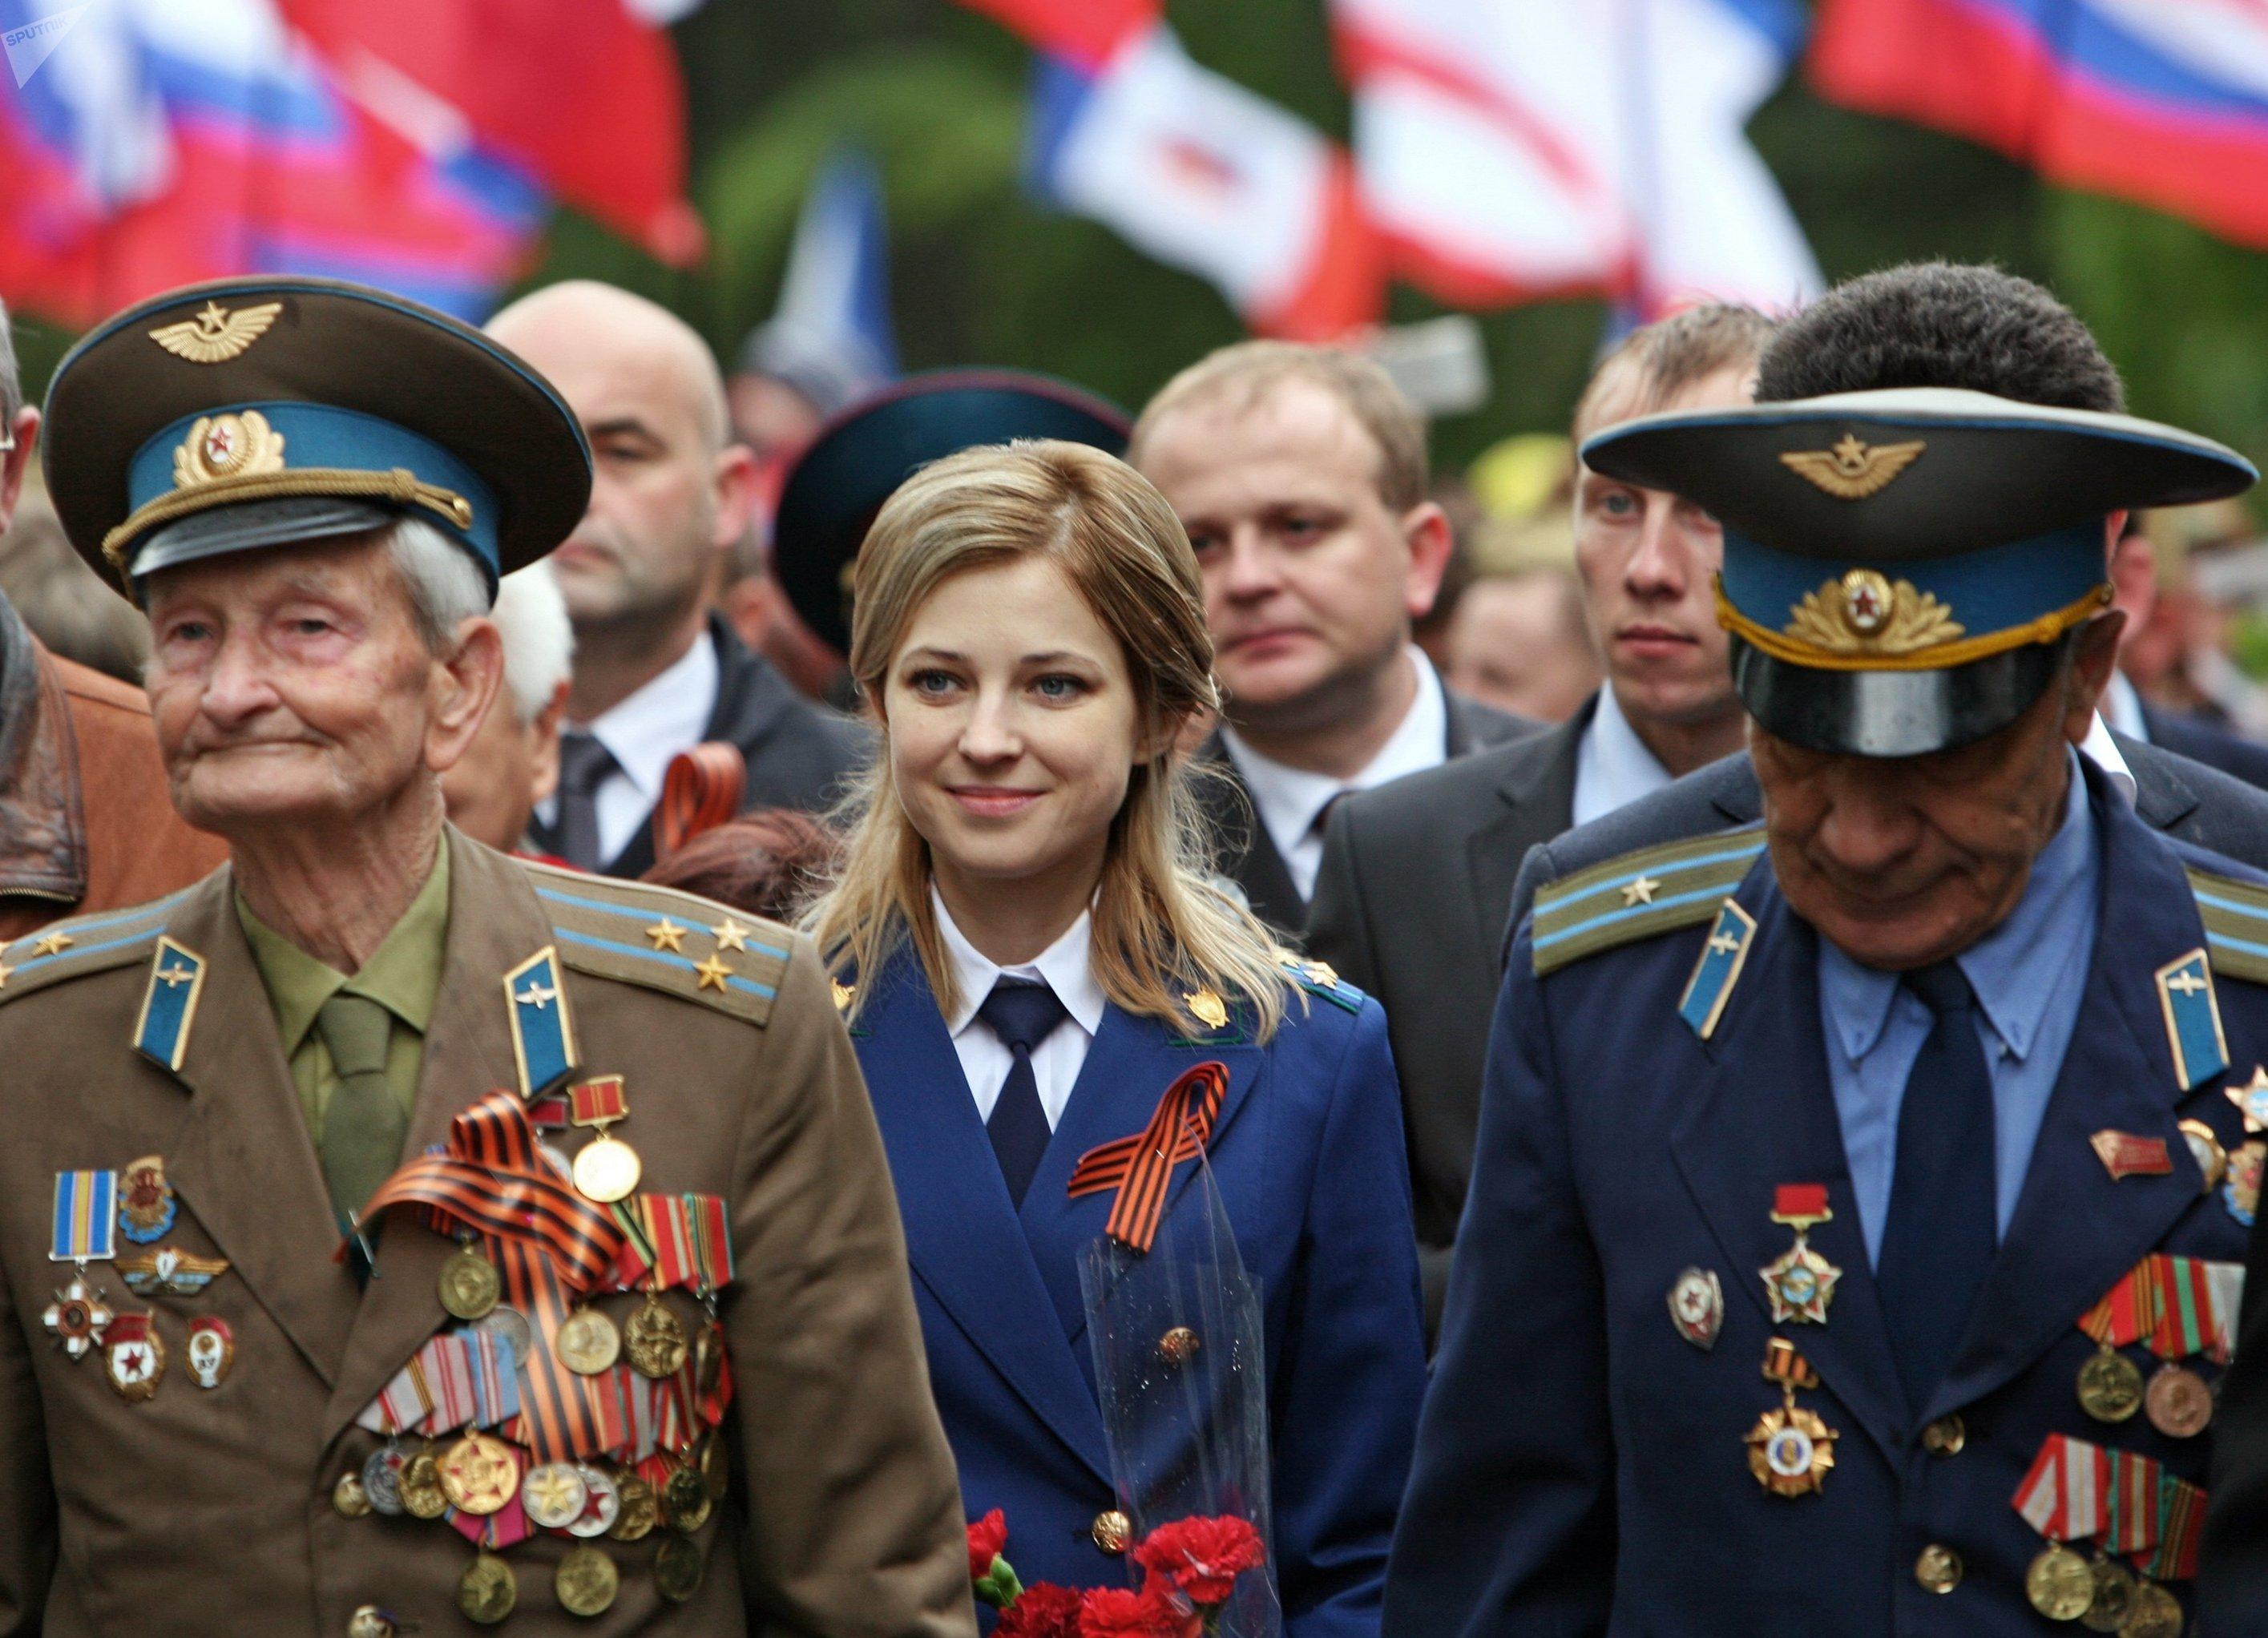 El desfile militar en Crimea, el 9 de mayo 2017